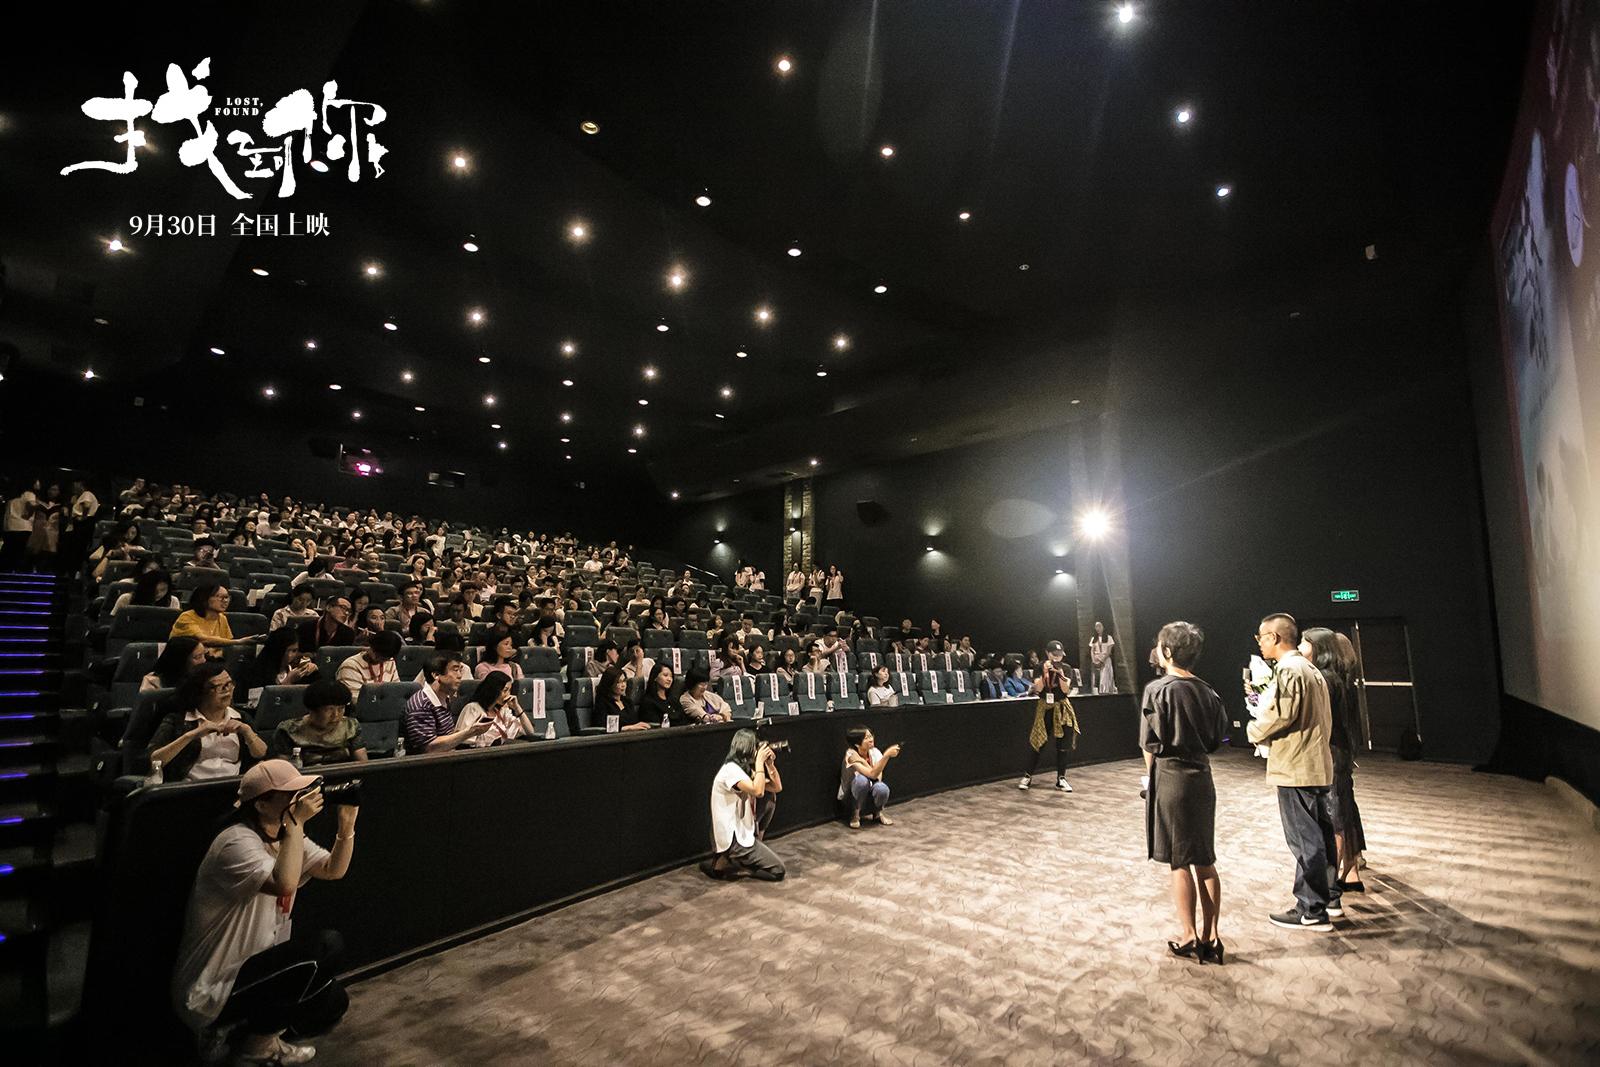 《找到你》亮相山一國際女性電影展 姚晨馬伊琍母愛佳片惹哭全場掌聲不斷